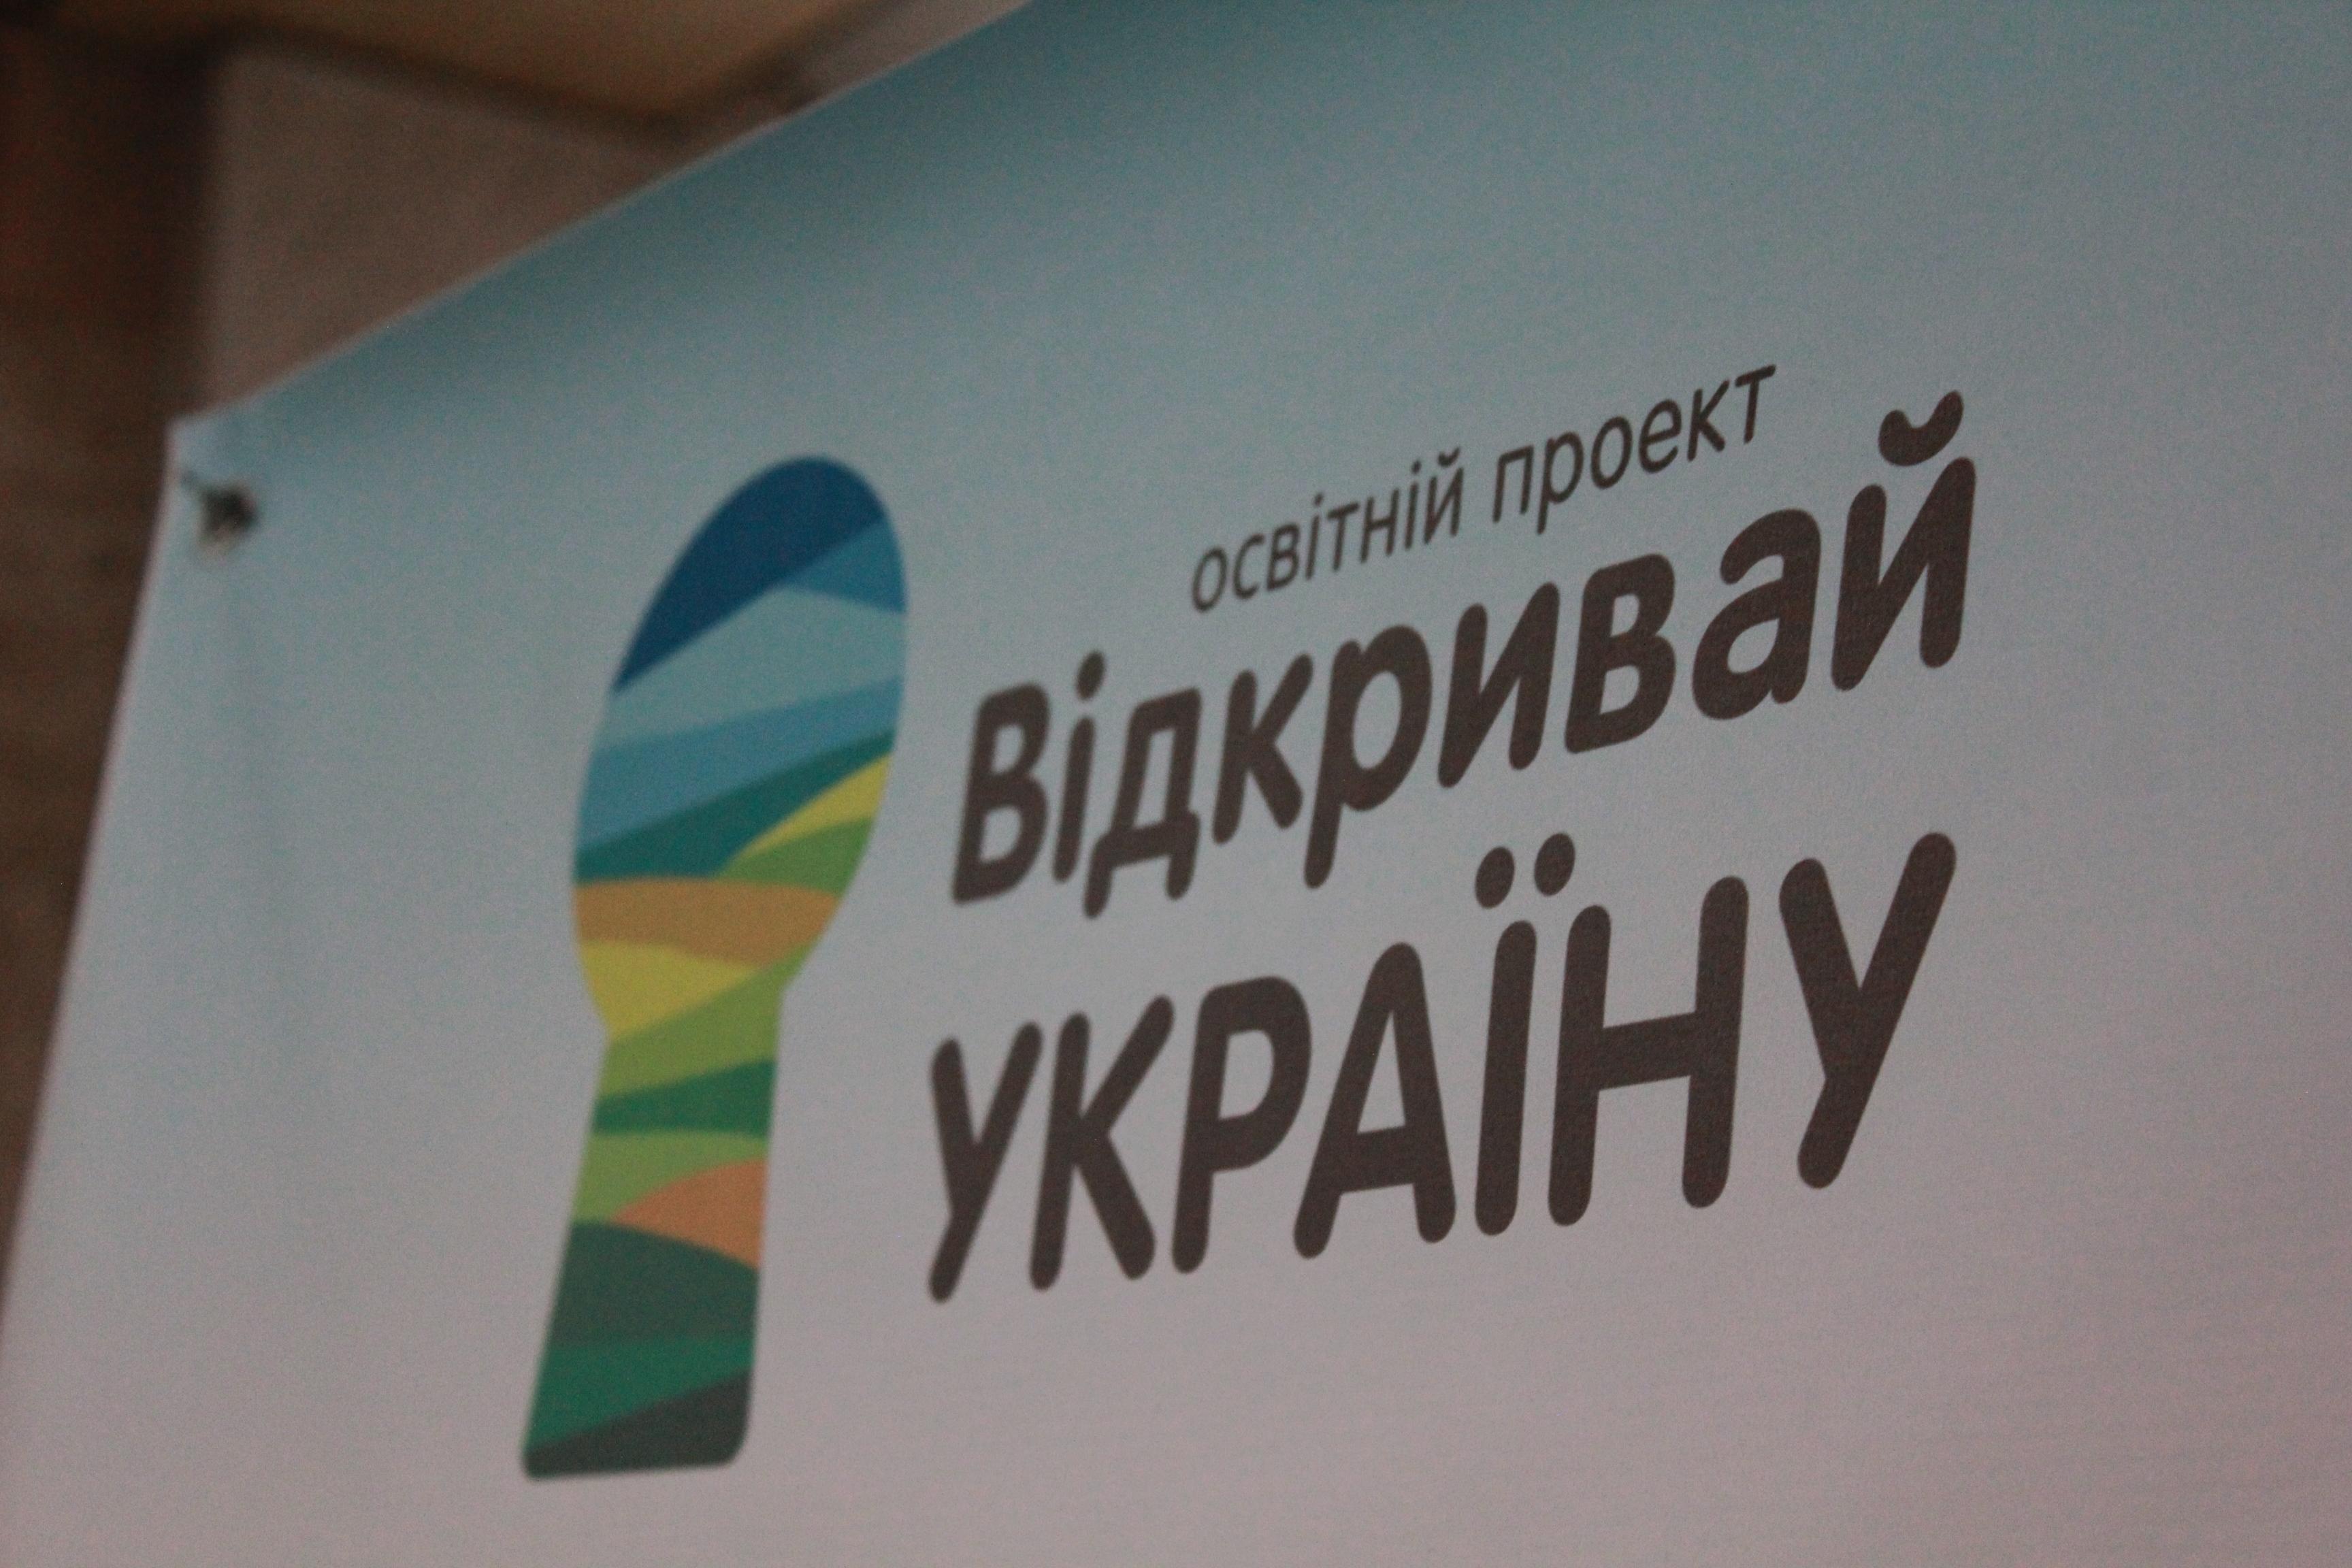 Школярі Кіровоградської області поїдуть на фестиваль у Черкаси